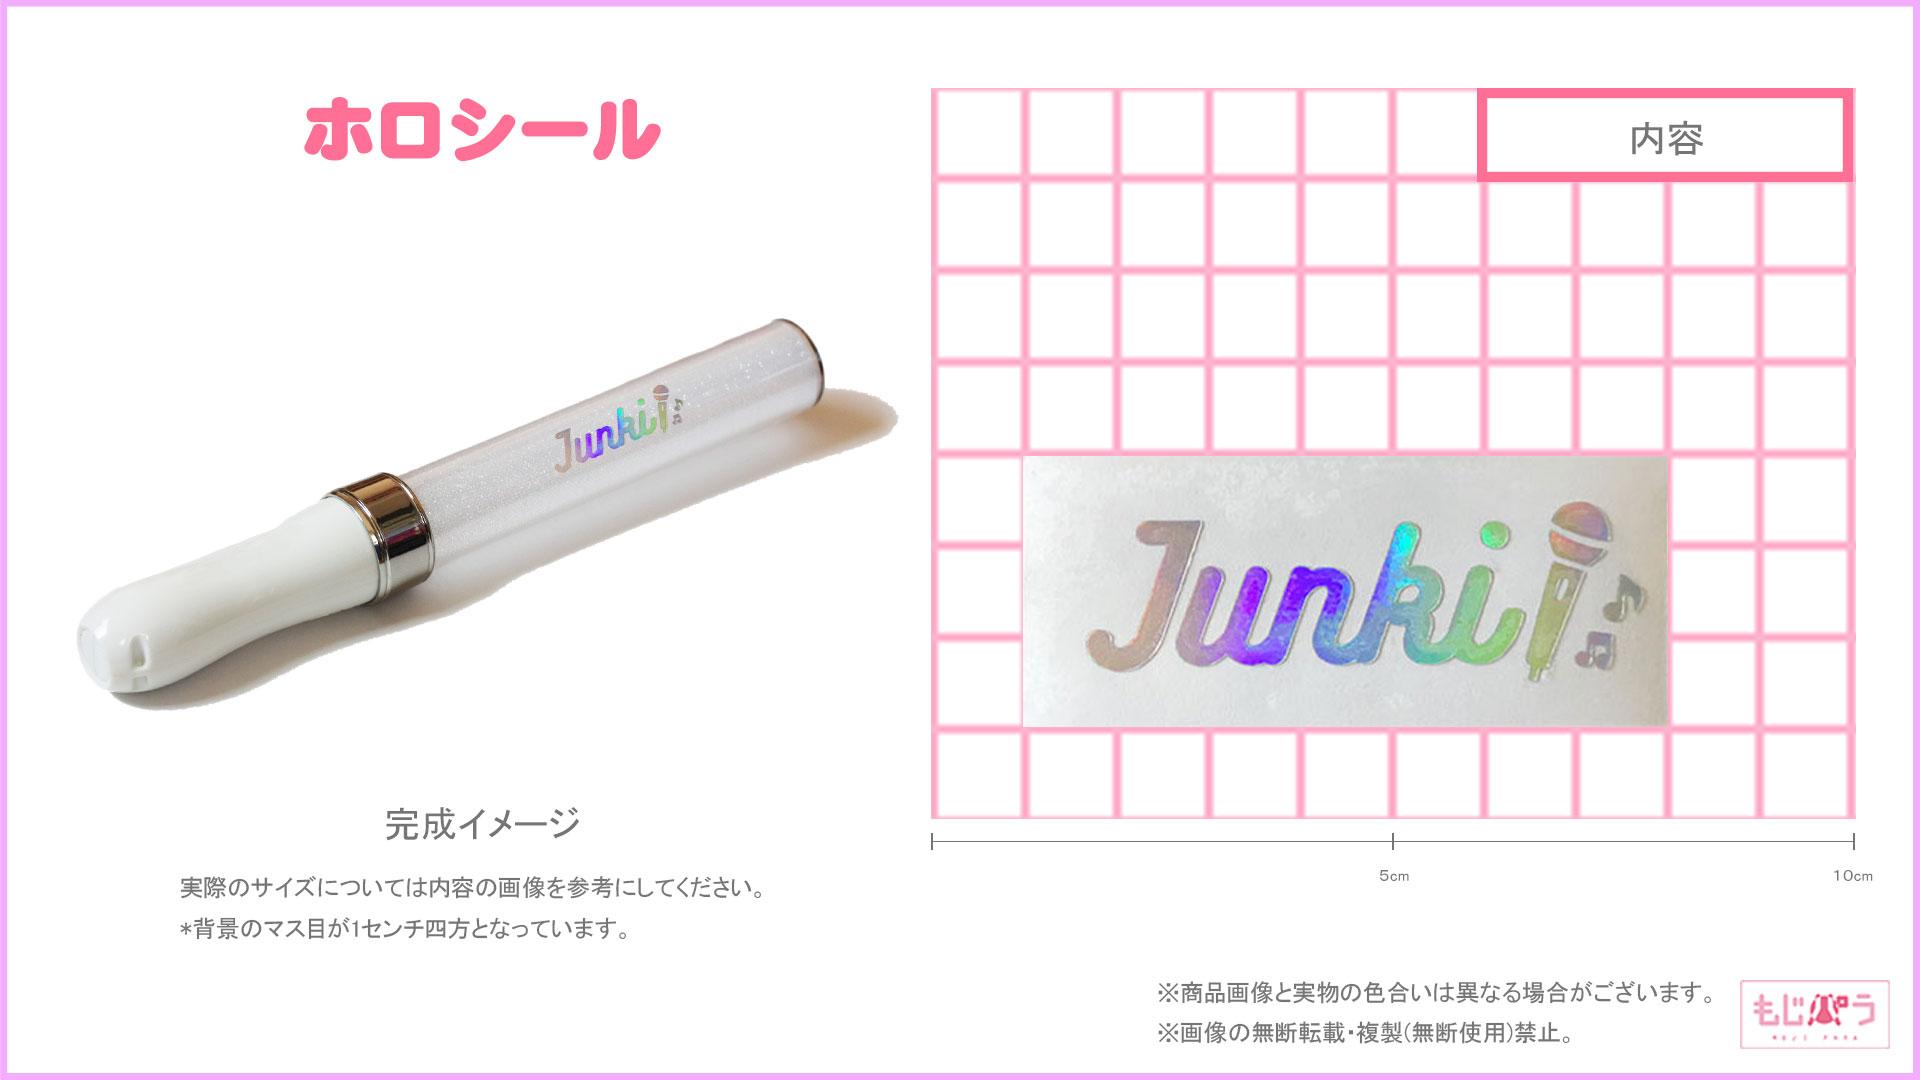 ホロシール【junki】画像